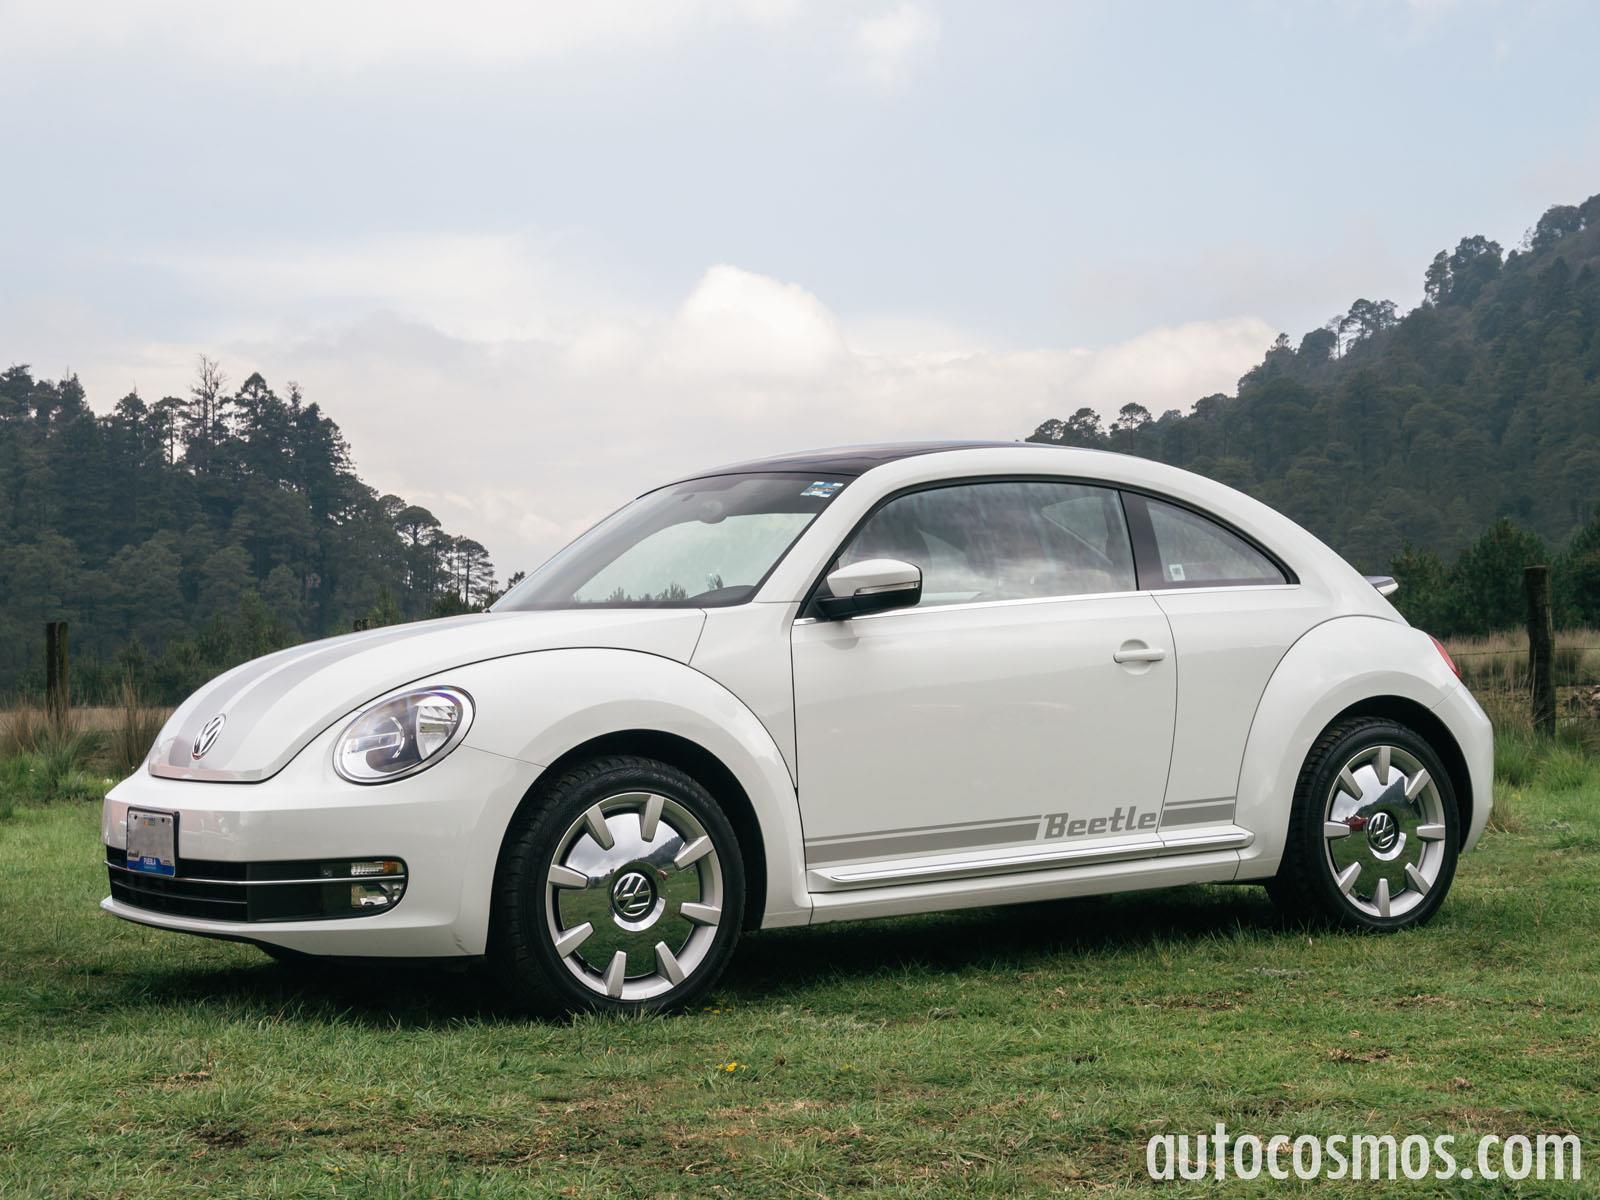 Volkswagen Beetle 50 Aniversario A Detalle Autocosmos Com